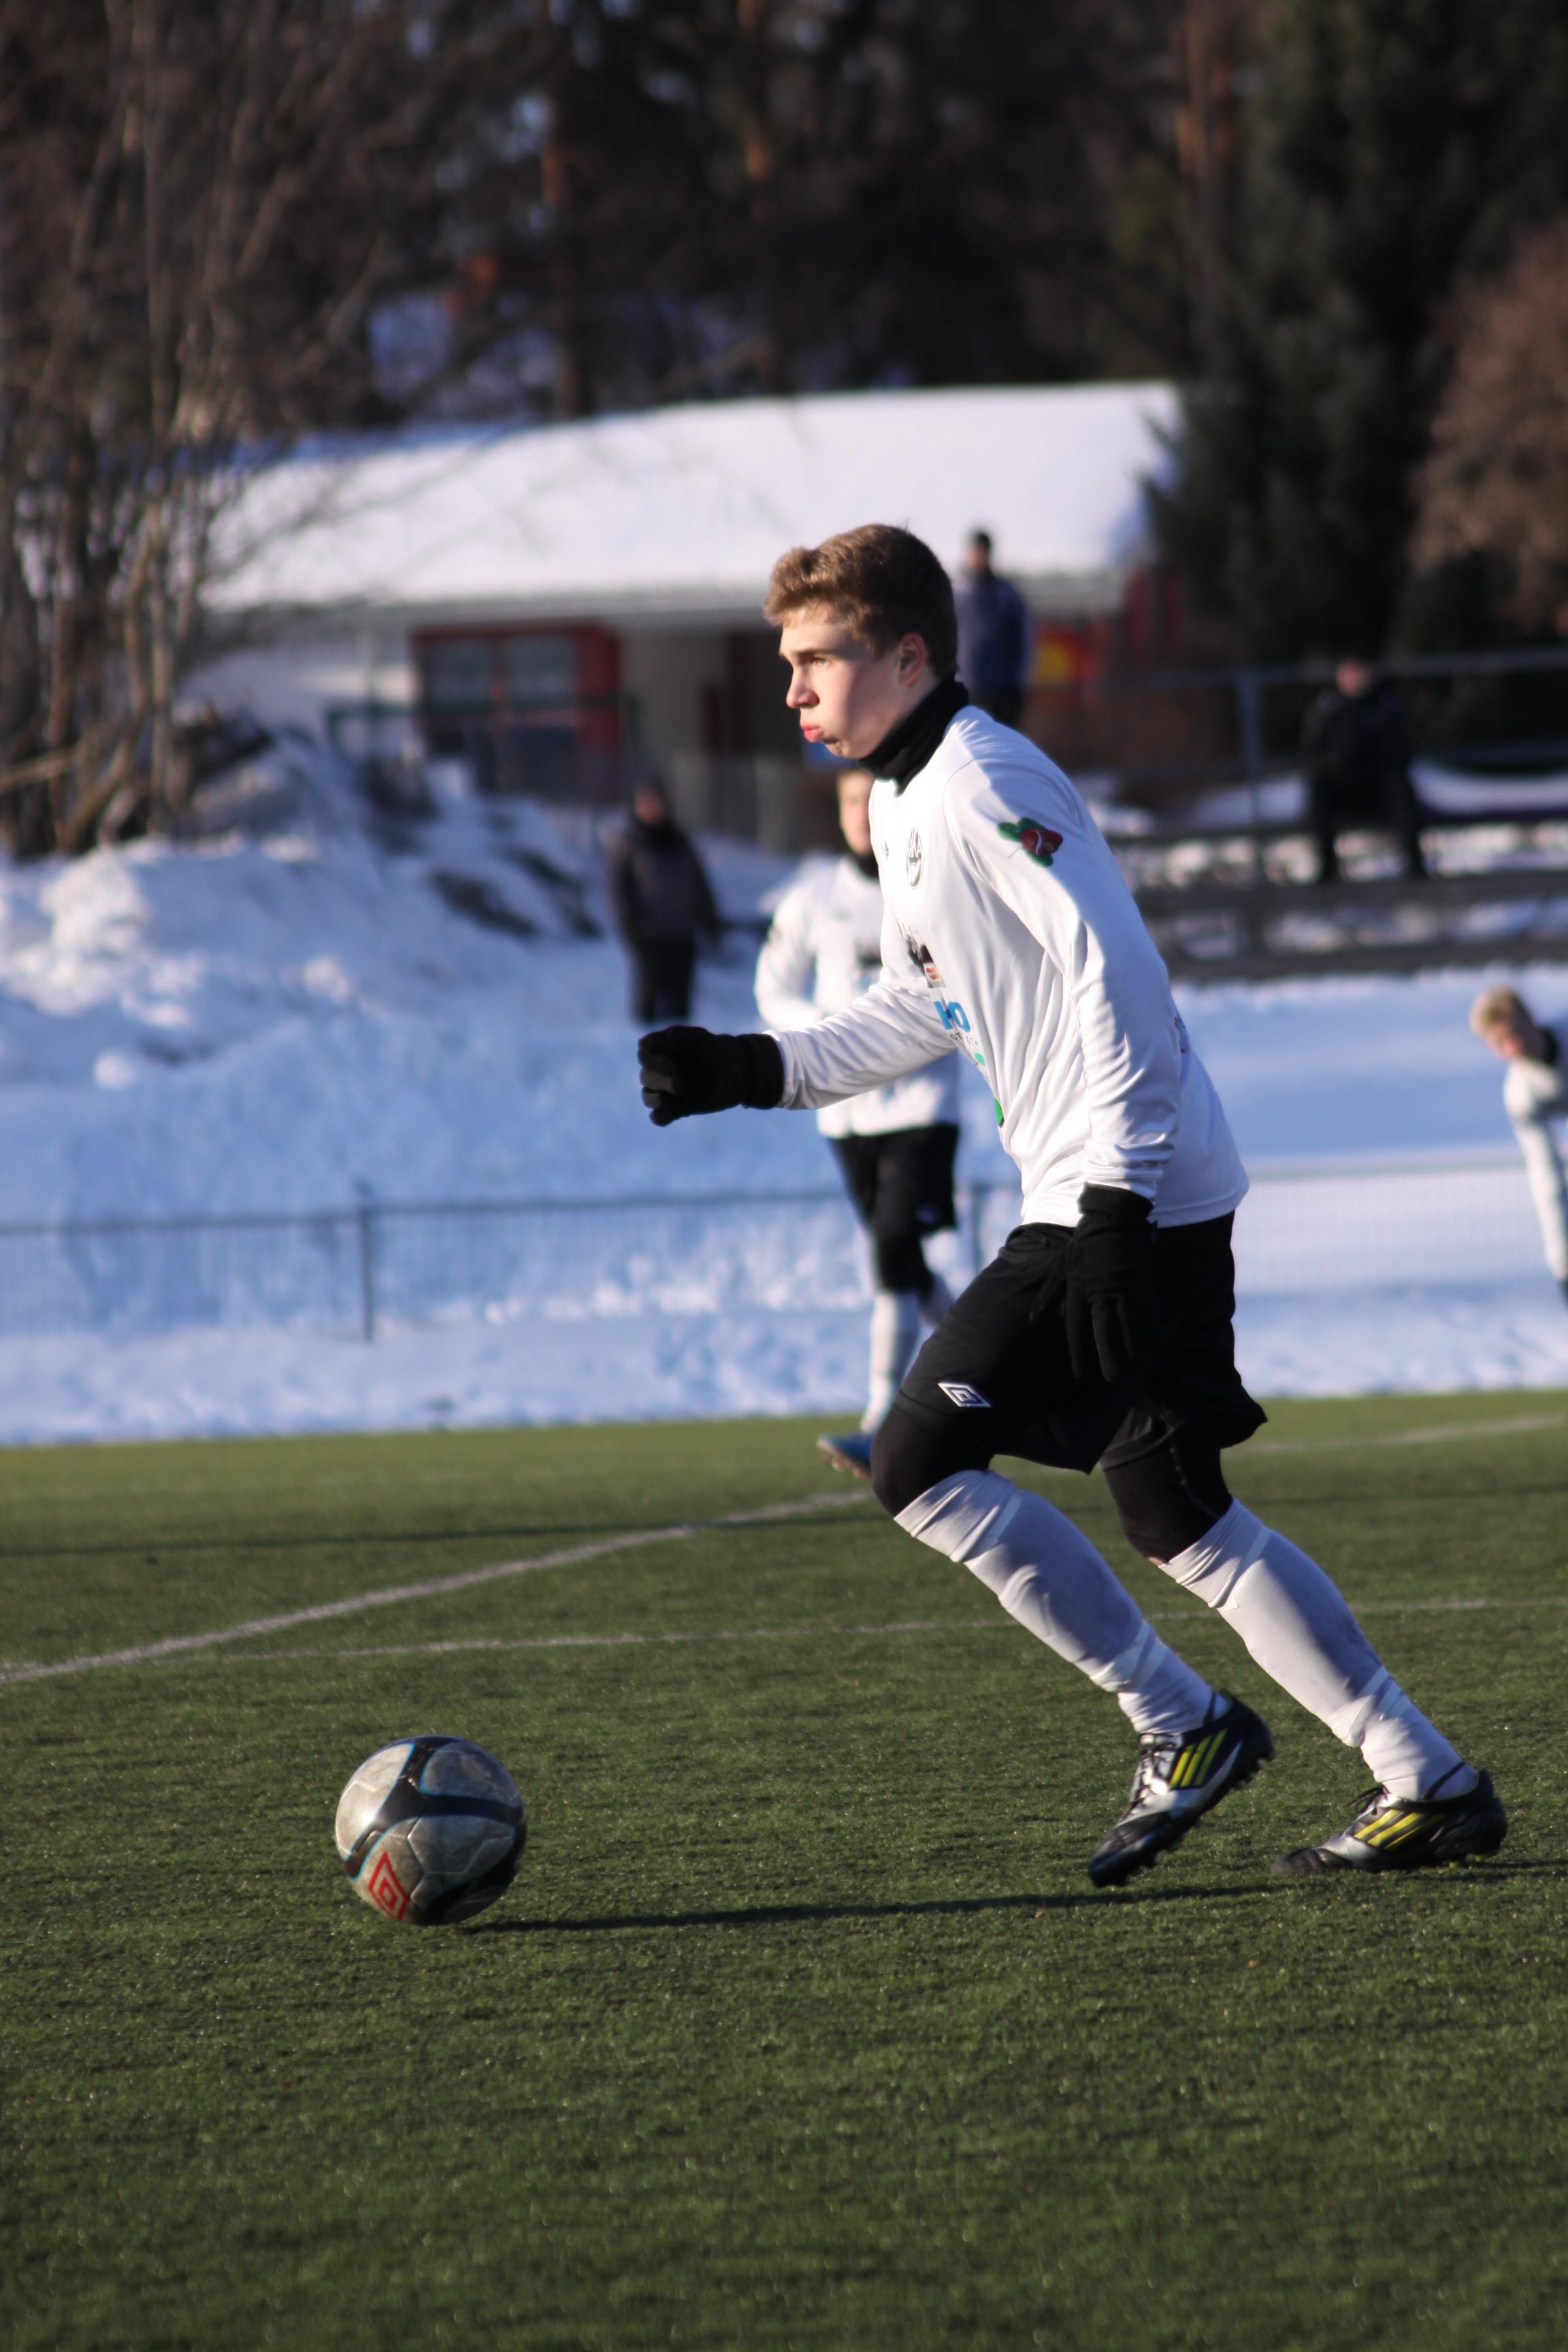 Tehtaan kentällä nähdään ensi kesänä pälkäneläisväriä, sillä Ossi Lindeman teki Hakan kanssa kaksivuotisen sopimuksen. Talvella Lukon kasvatti on ollut A-junioreiden kantavia voimia SM-karsintasarjassa.